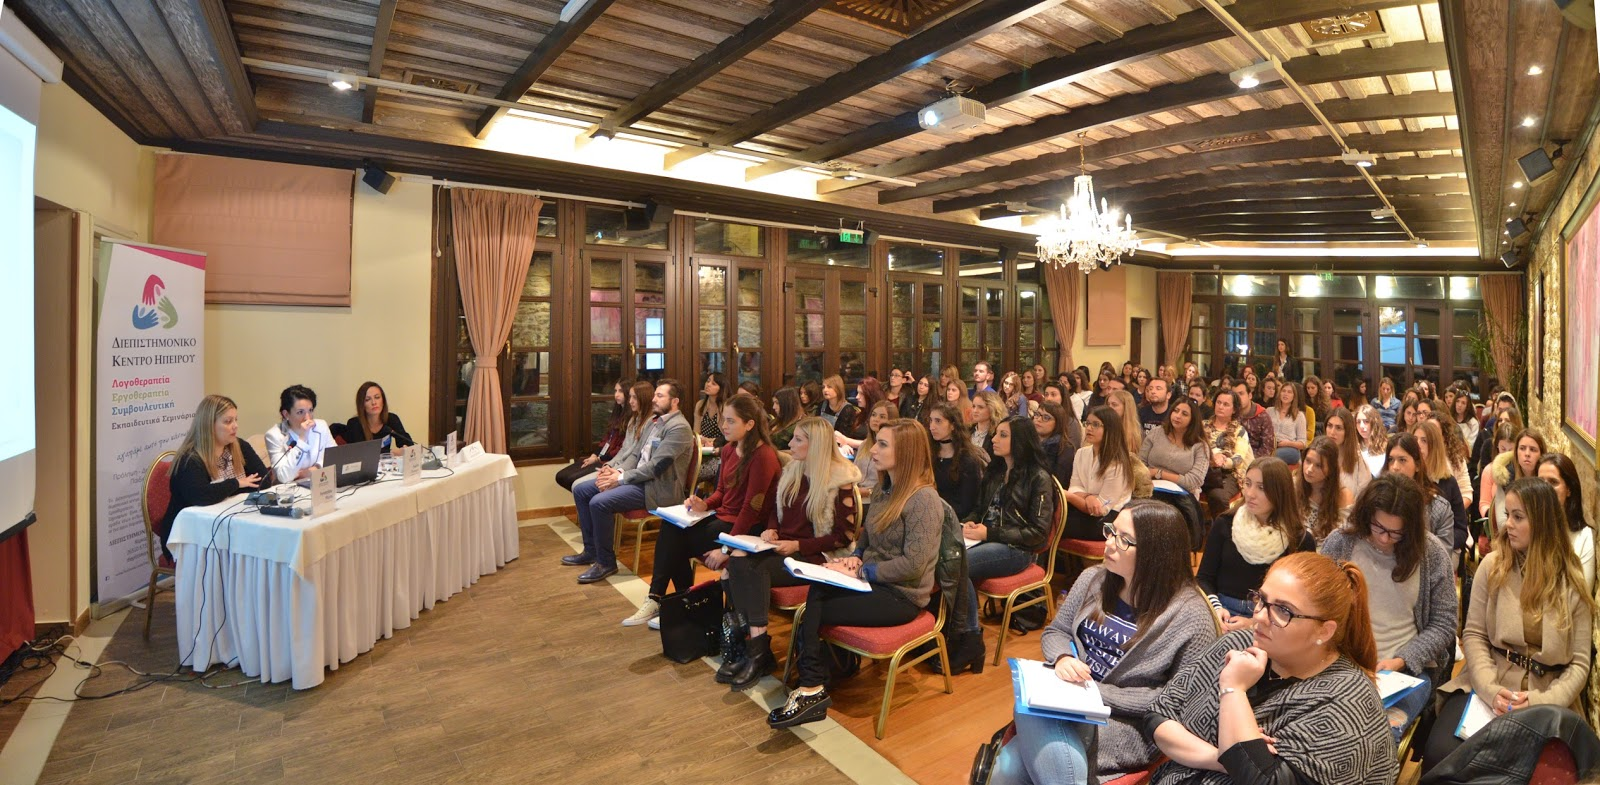 Τριήμερο εκπαιδεύσεων στα Ιωάννινα από το Διεπιστημονικό Κέντρο Ηπείρου.